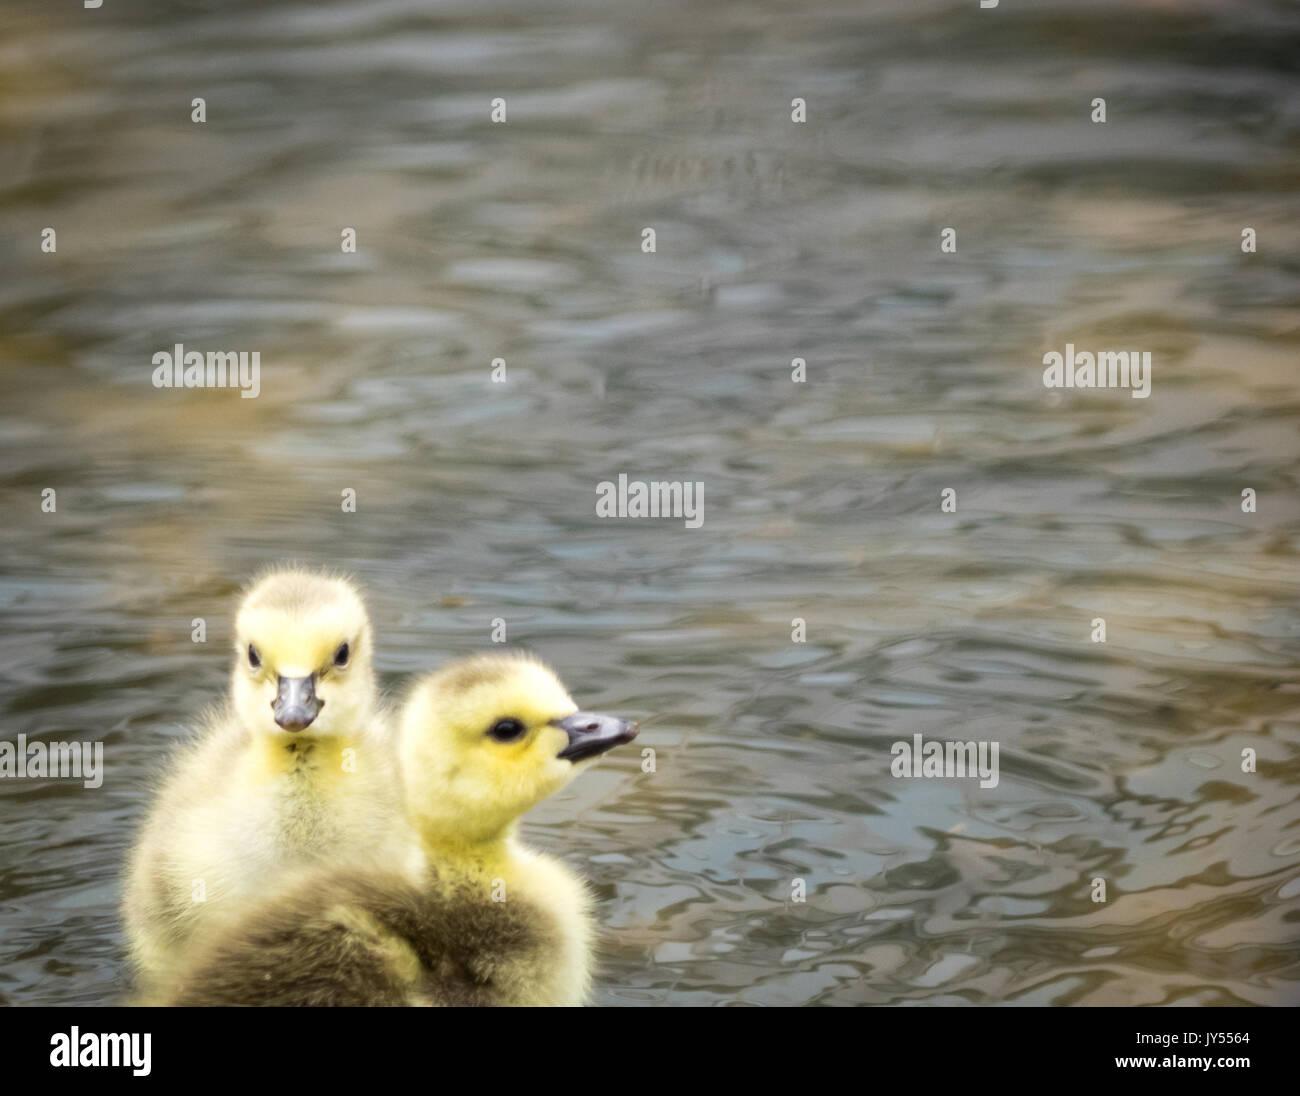 Un par de lindos, fuzzy día de edad goslngs gansos canadienses (Branta canadensis) vadeando en un estanque poco profundo en Century Park en Edmonton, Alberta, Canadá. Imagen De Stock